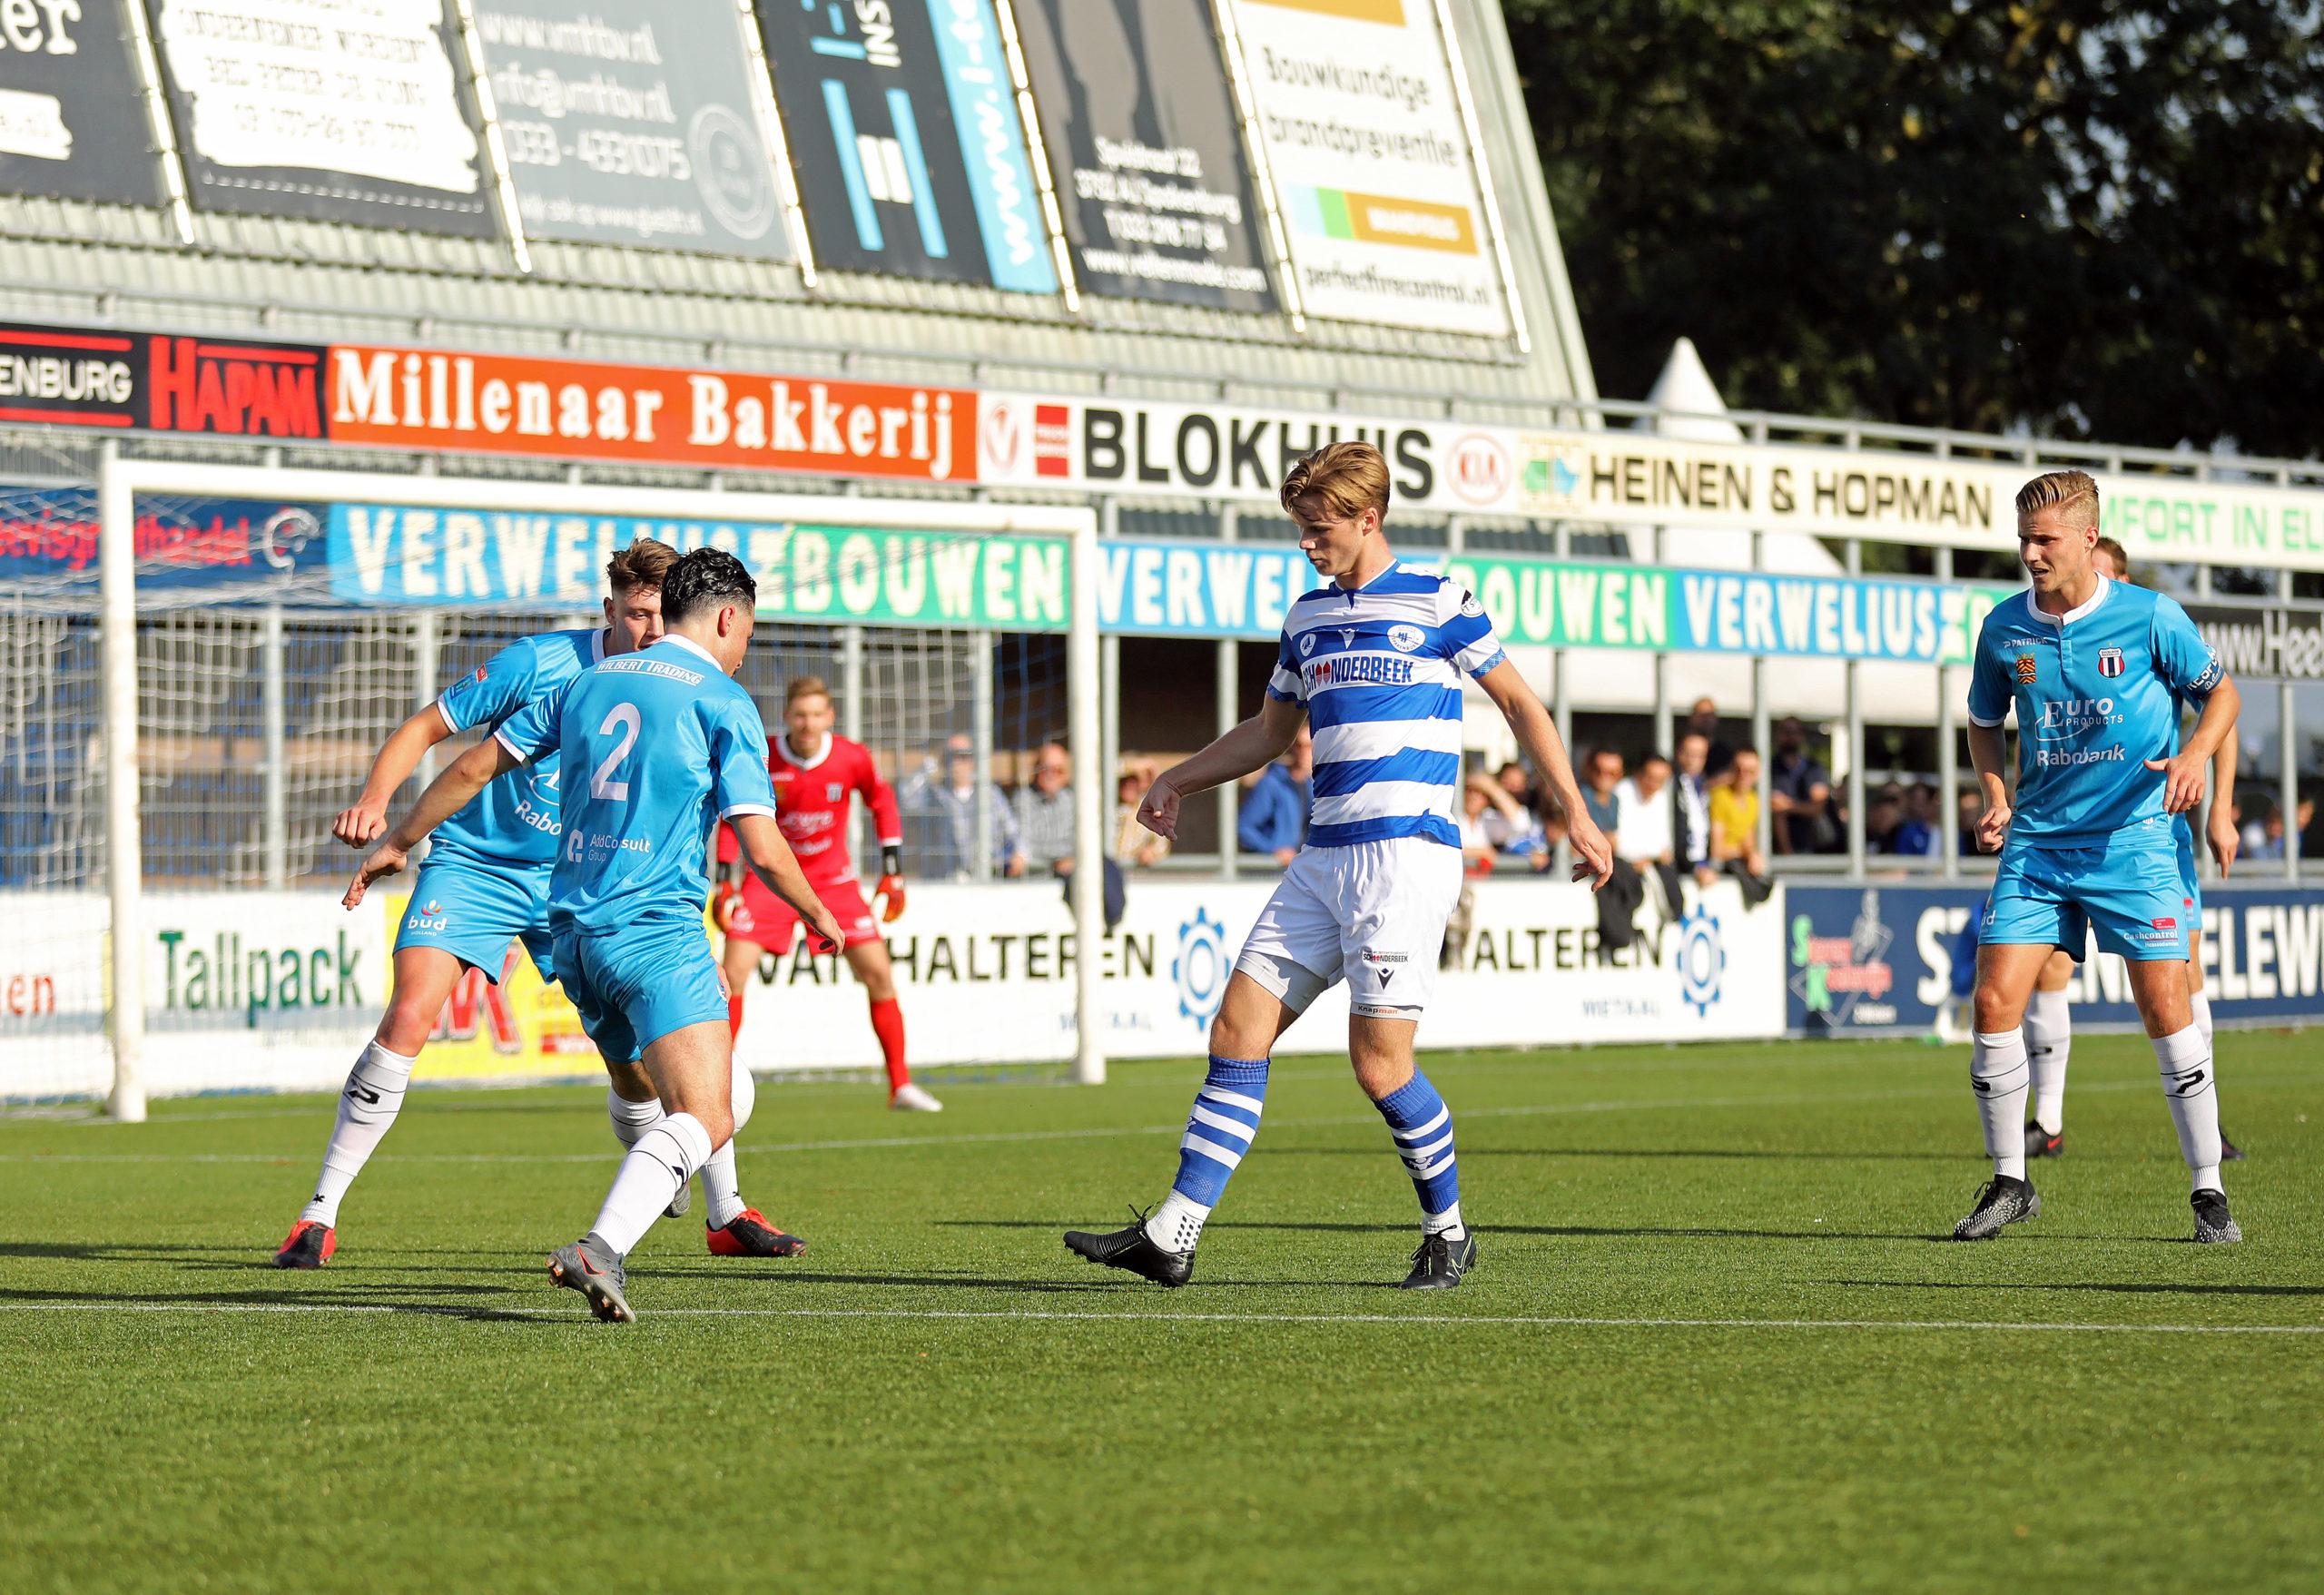 Wervelend Spakenburg wint de wedstrijd in eerste helft